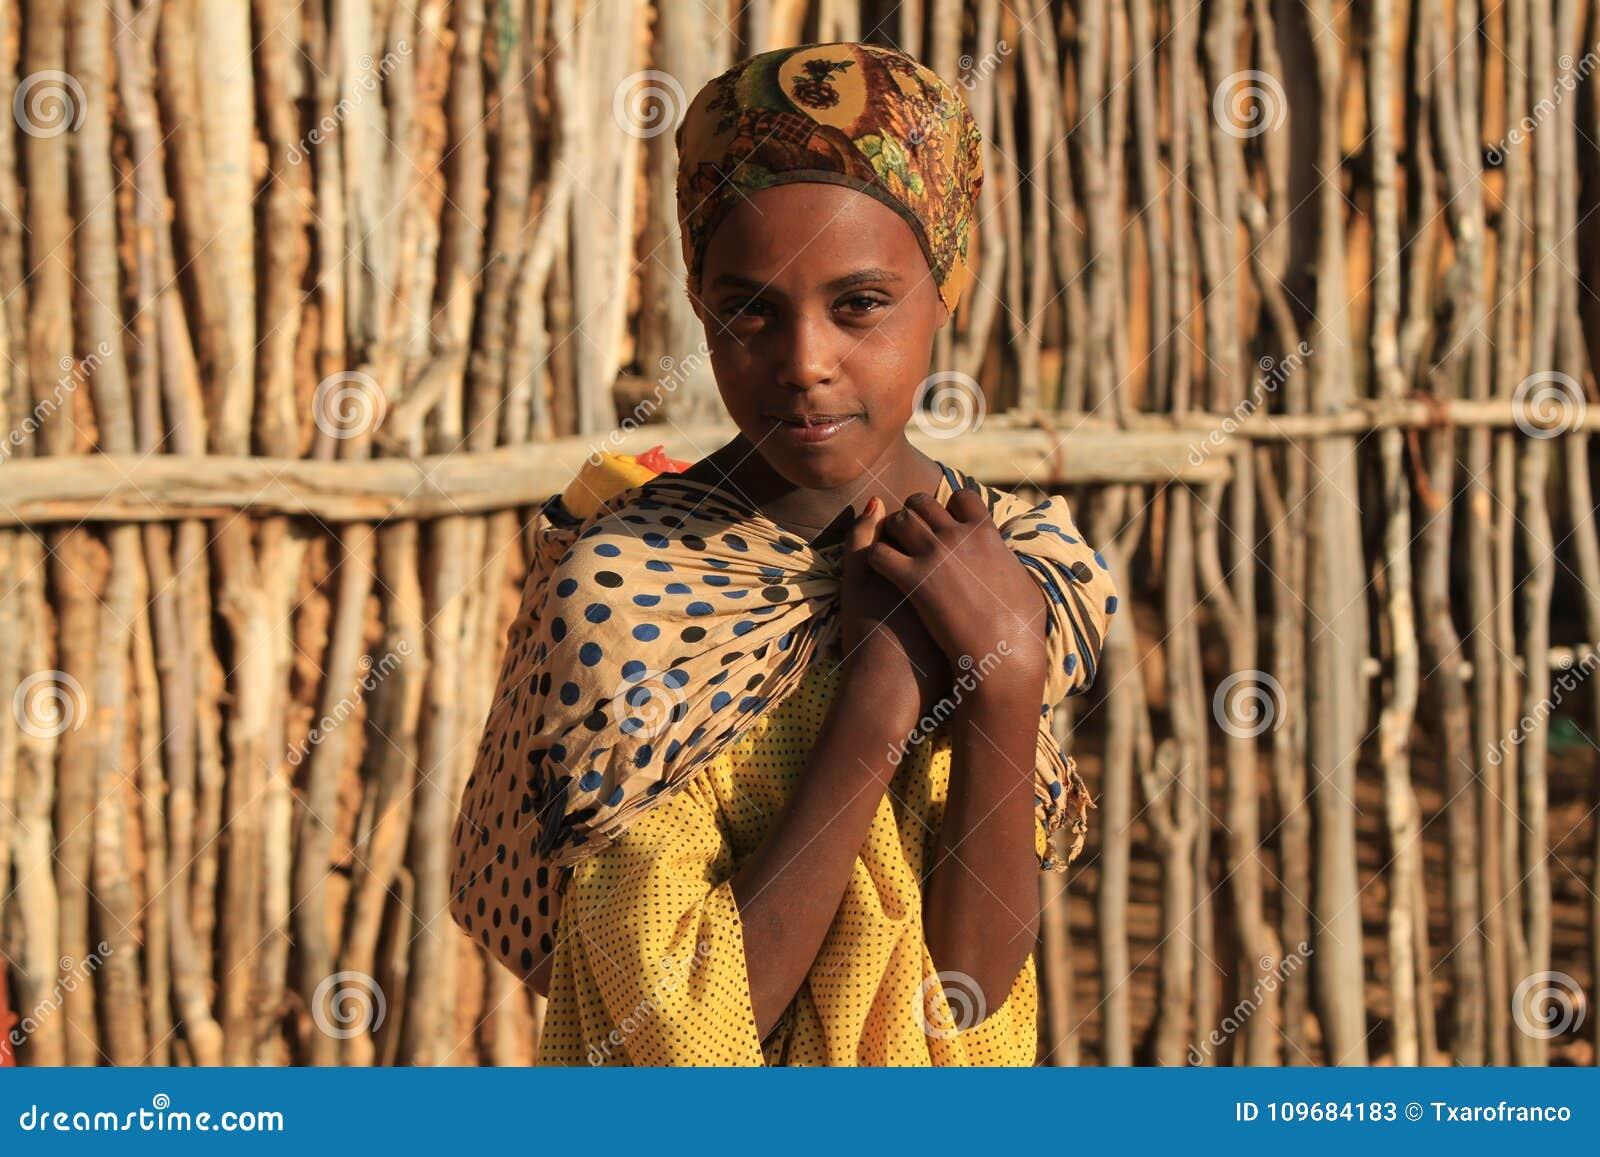 Porträt eines Mädchens auf der Suche nach Wasser bei Sonnenaufgang Äthiopien